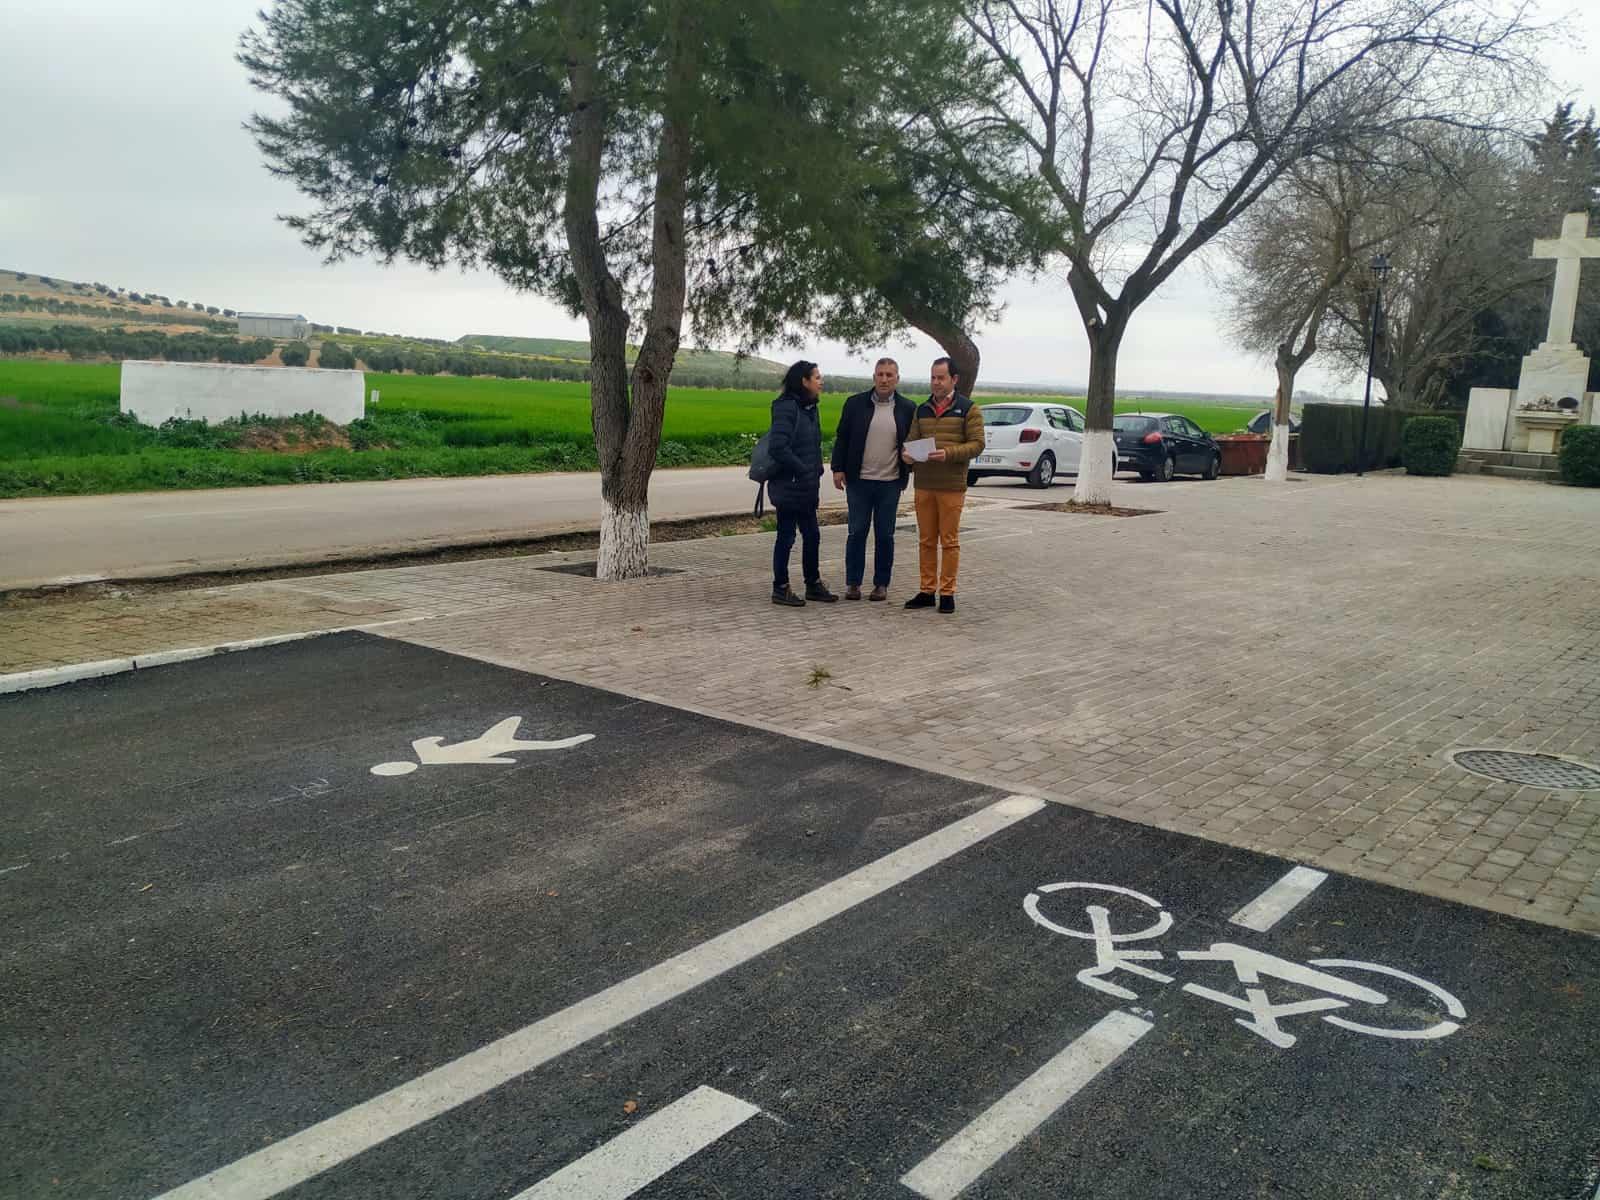 final camino cementerio herencia asfaltndo 2020 - Finalizan los trabajos de asfaltado del Camino del Cementerio de Herencia